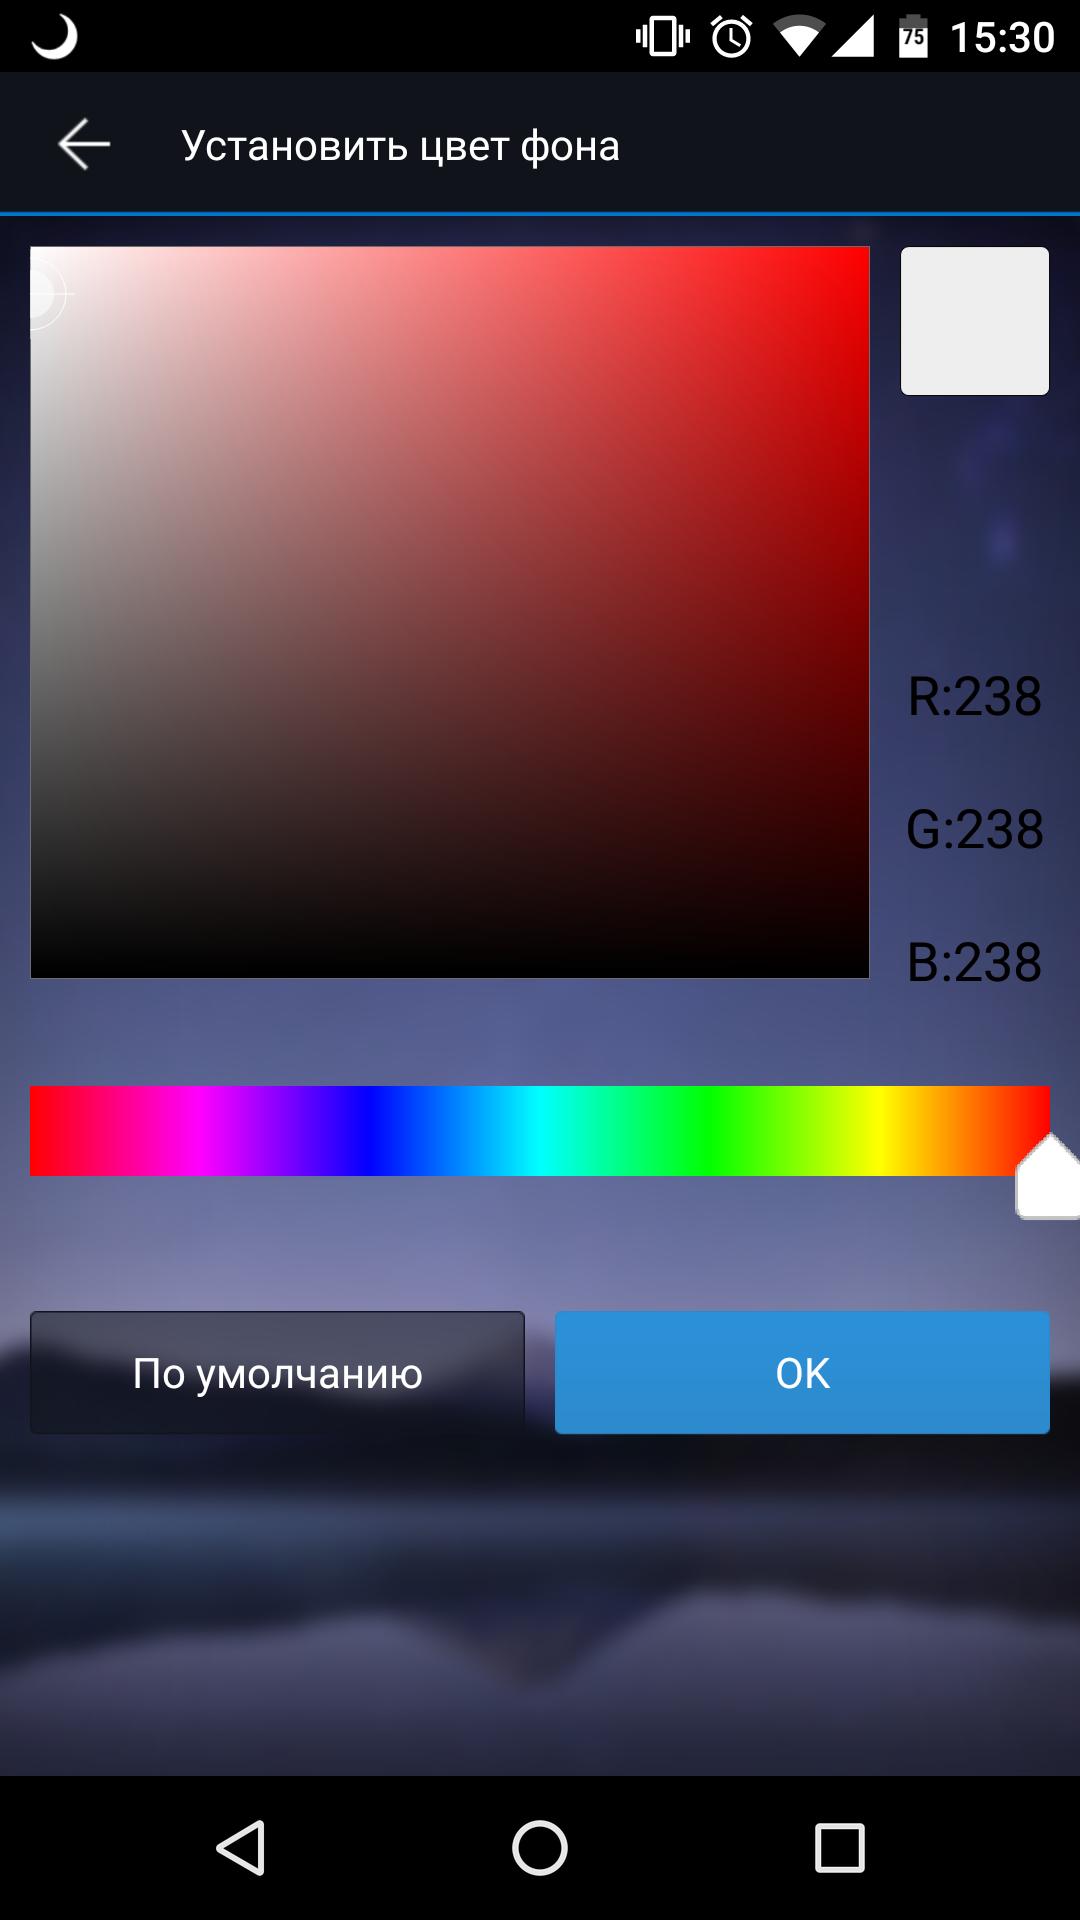 Скачать es проводник (es file explorer) 4. 1. 6. 9. 6 на андроид бесплатно.